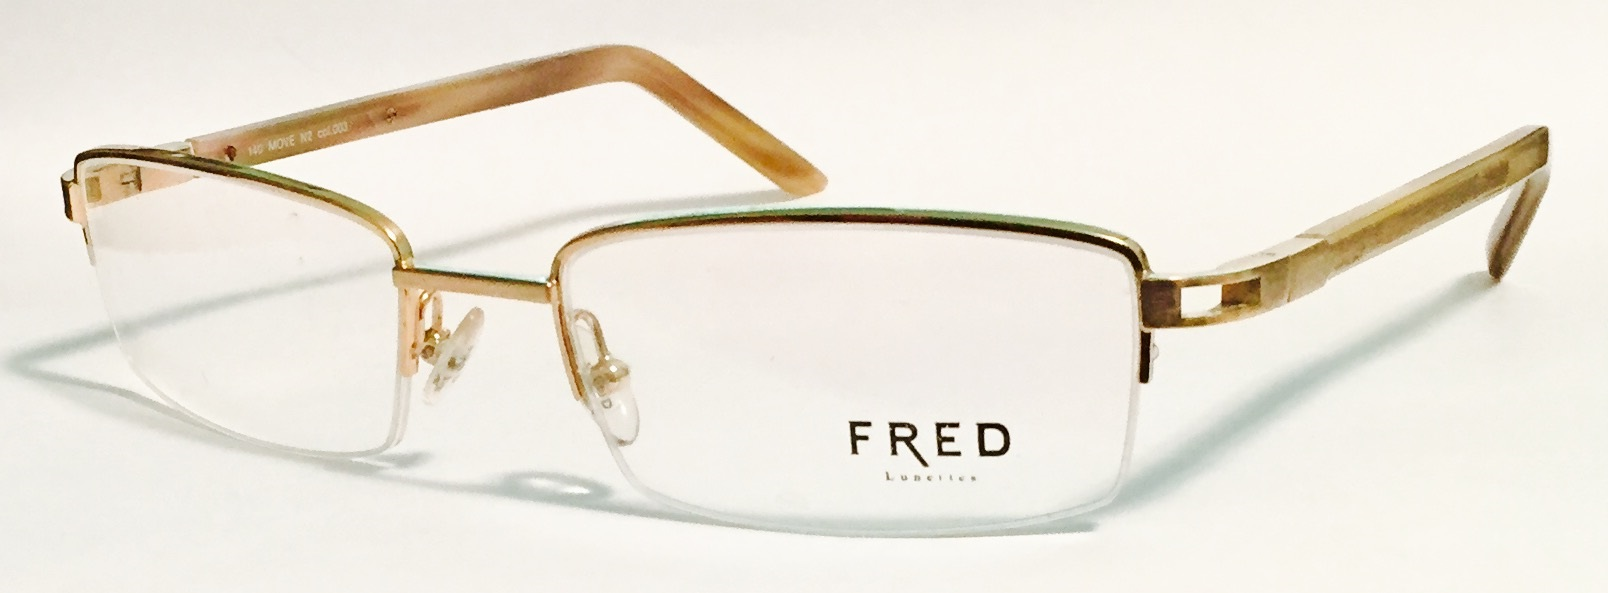 83345a788de Fred MOVE N2 Eyeglasses